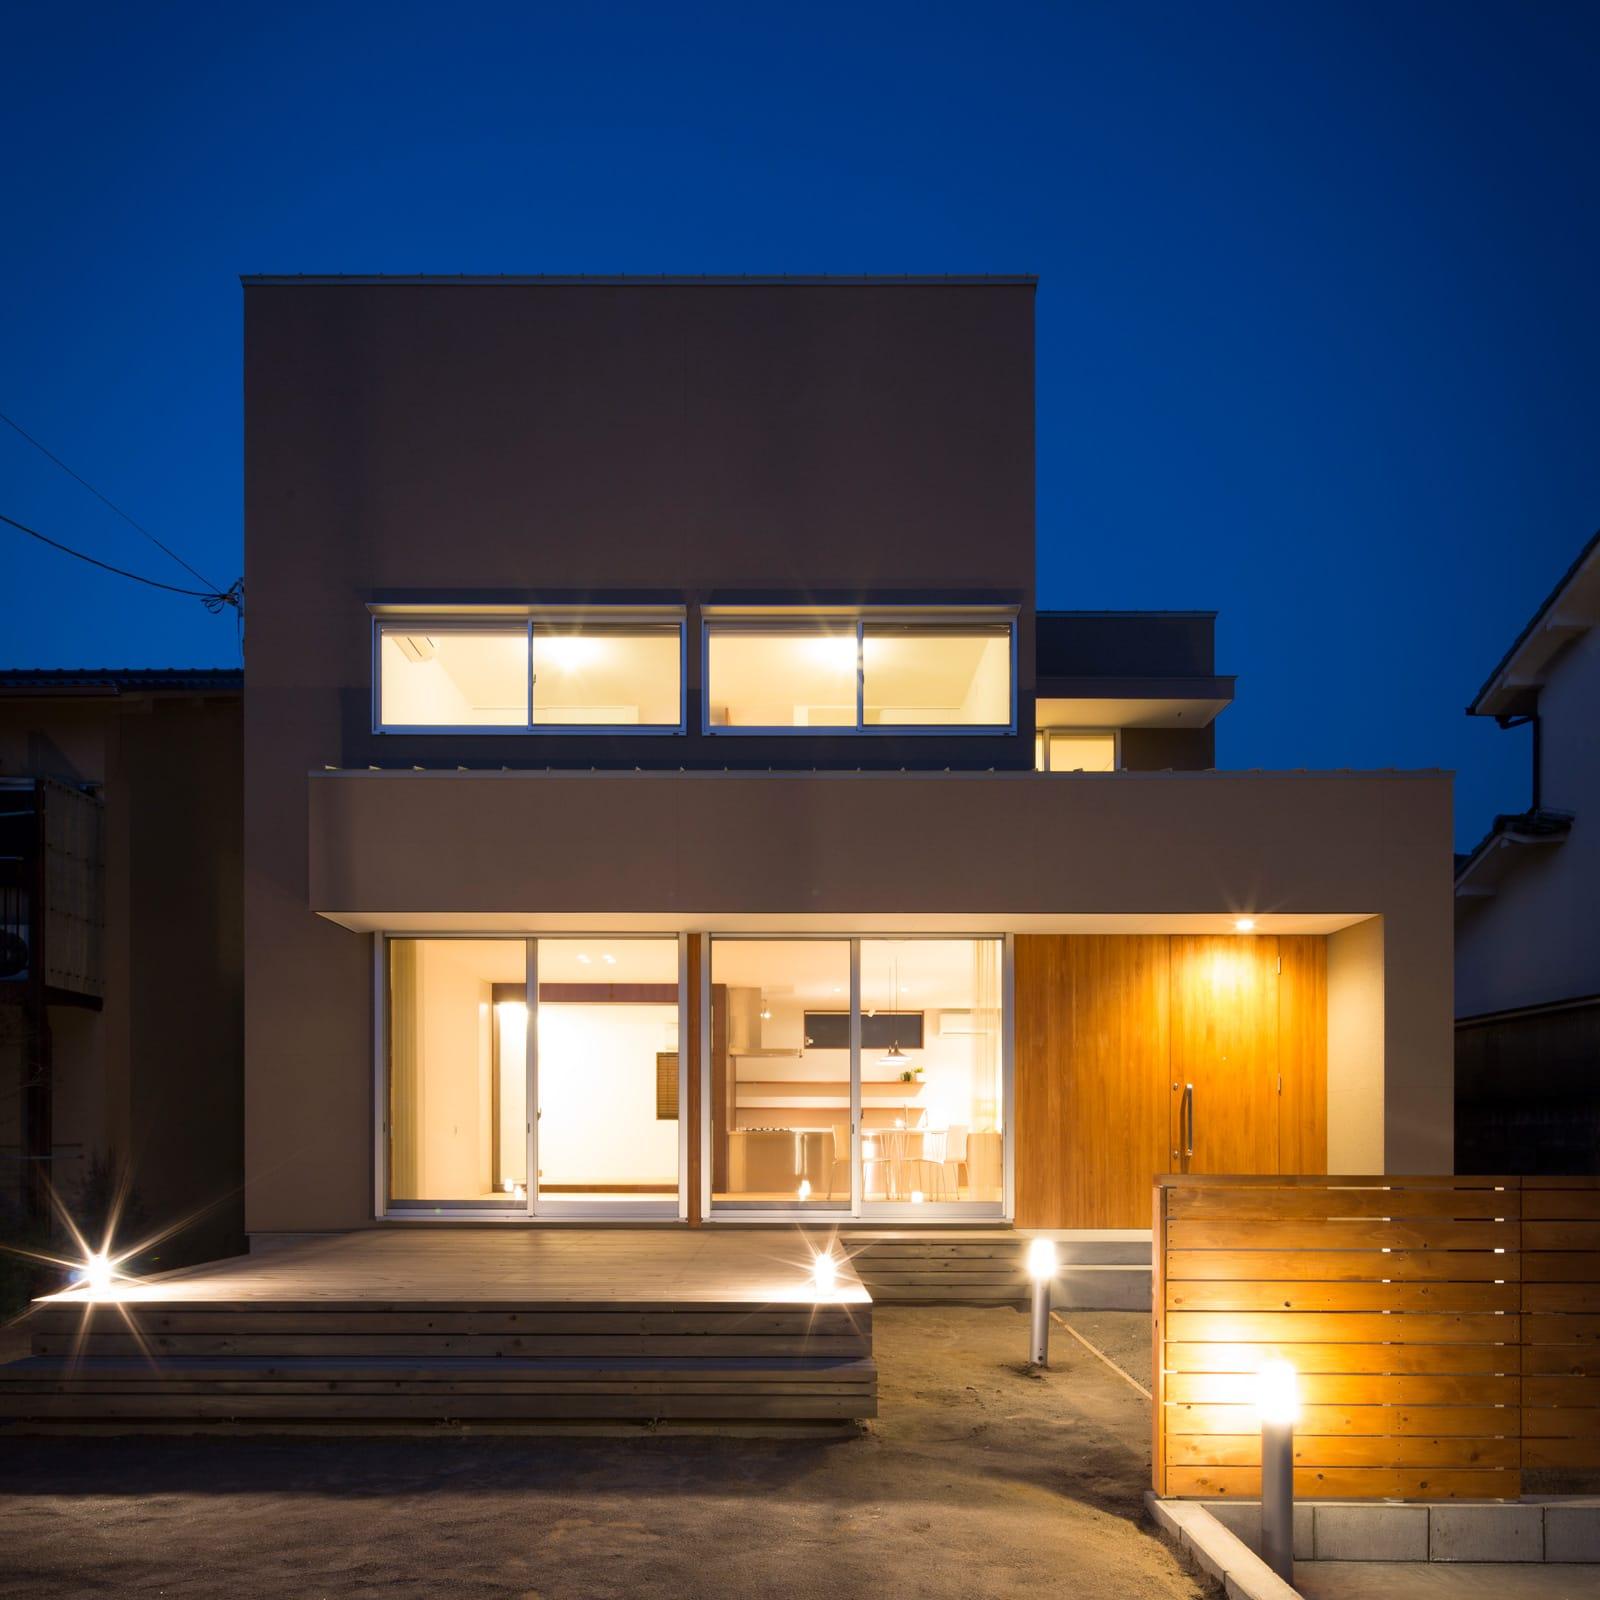 川西 GREEN HOUSEの夕景(外部)1